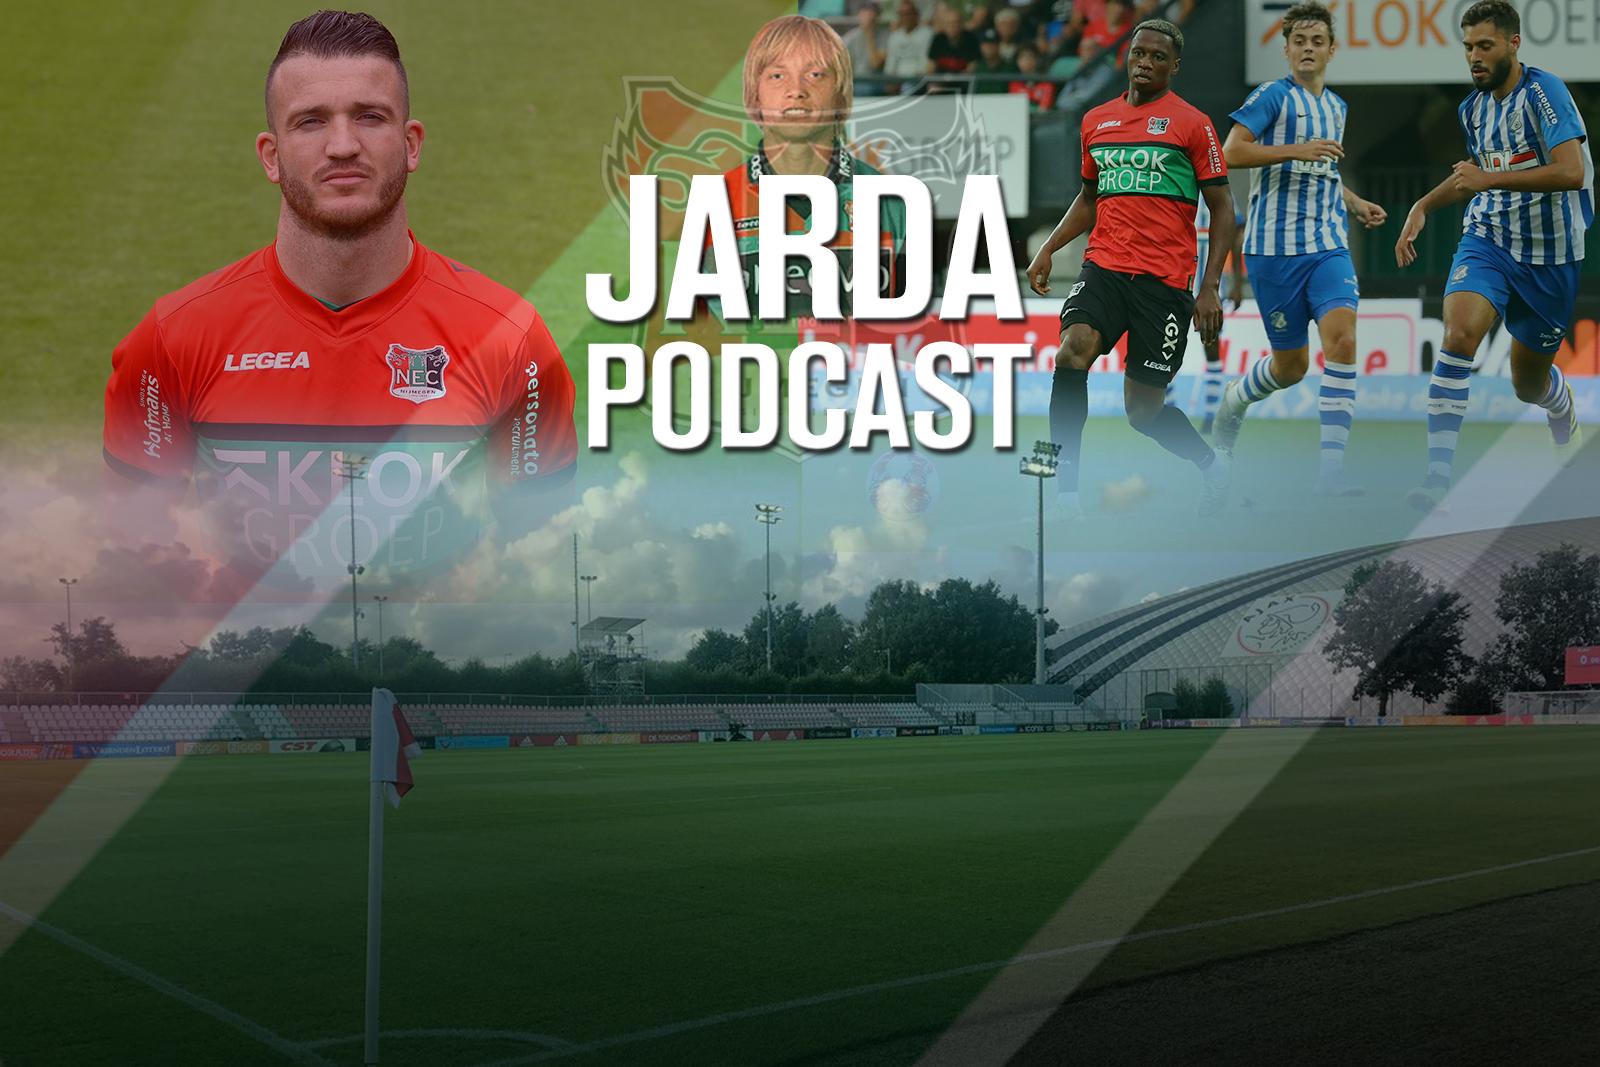 Jarda Podcast #17: De meningen over Jong Ajax-NEC en Randy geeft af